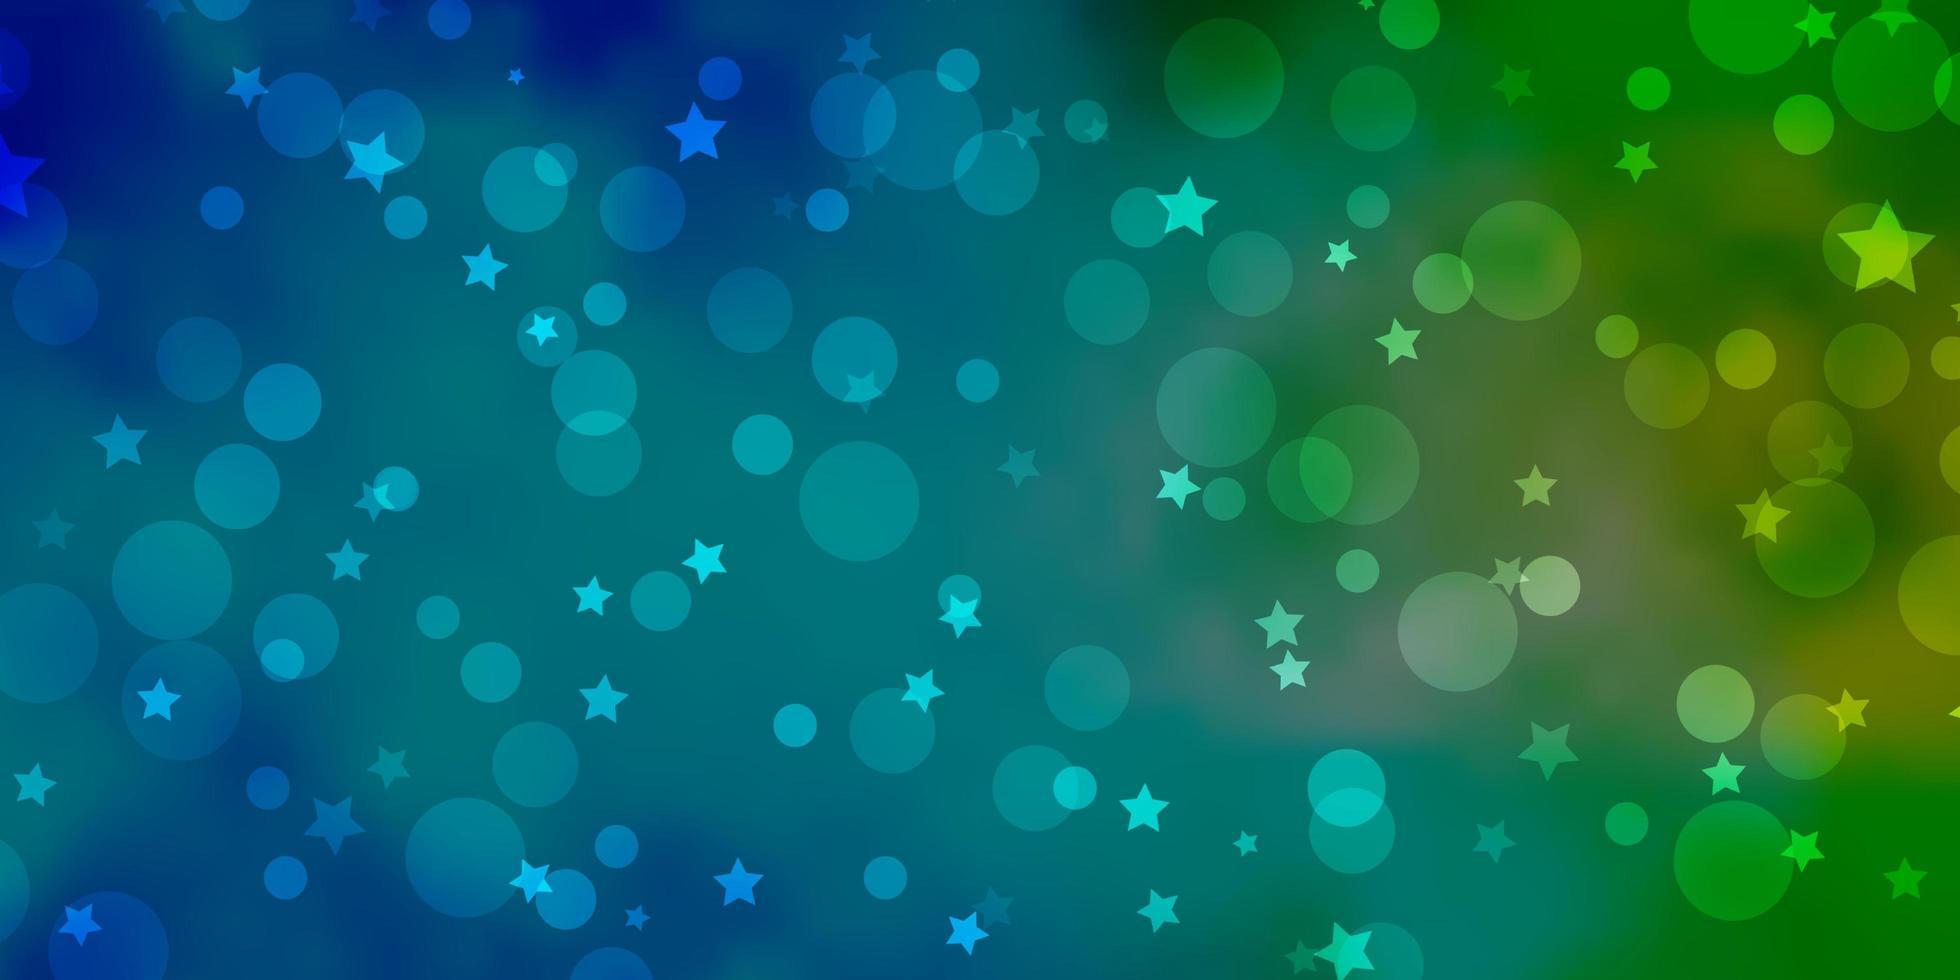 blauwe en groene textuur met cirkels, sterren. vector